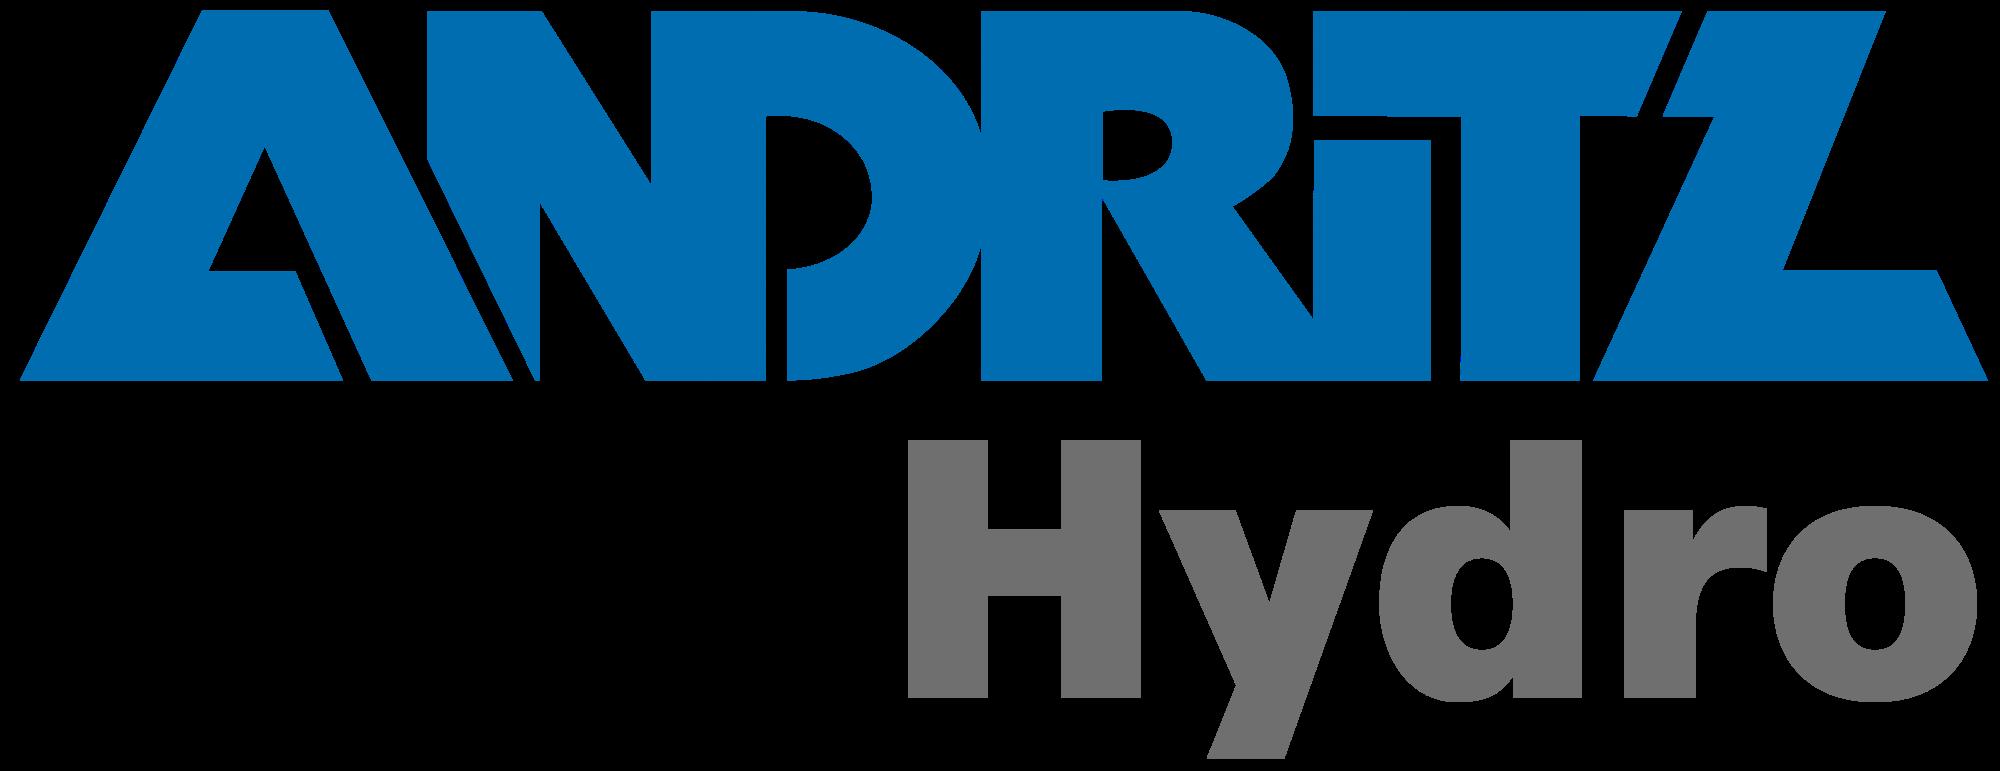 Andritz_Hydro_Logo